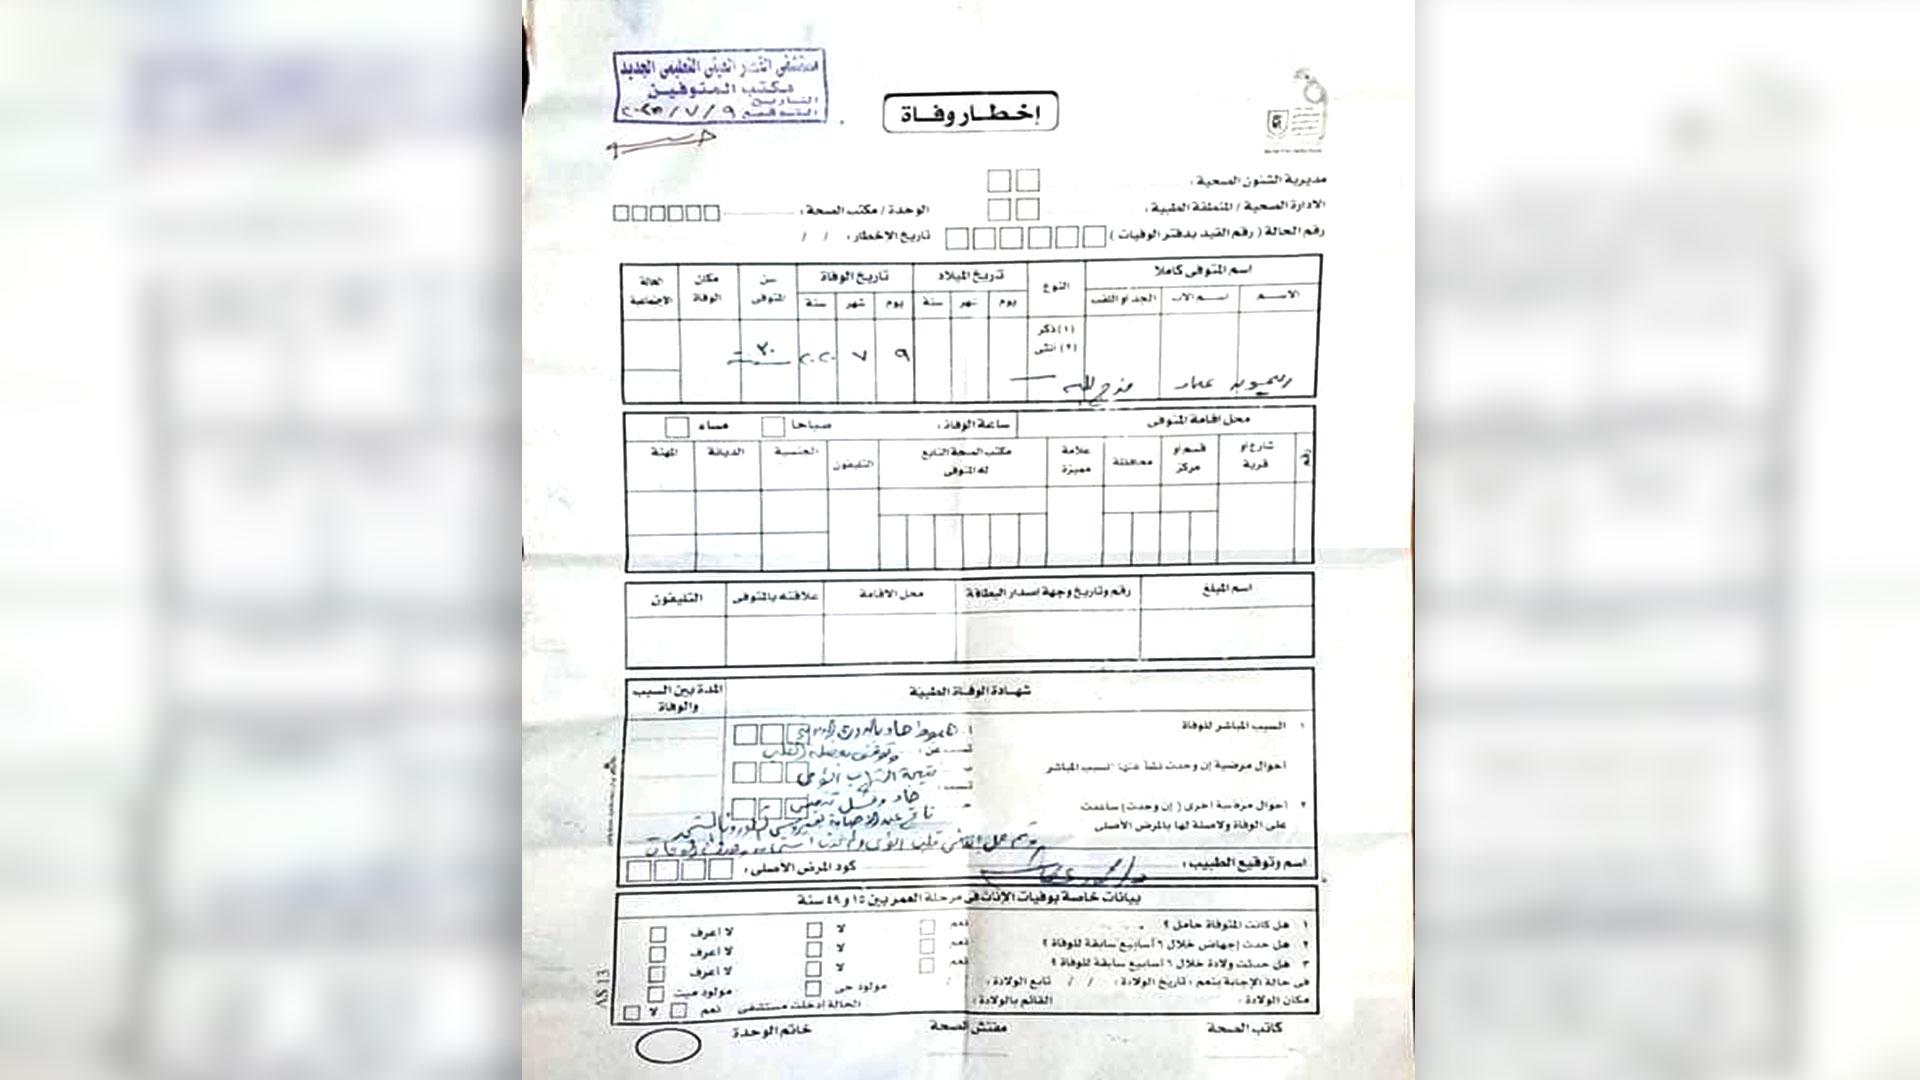 مصر شكوى لـ الصحة بسبب تزوير شهادة وفاة طبيب بكورونا